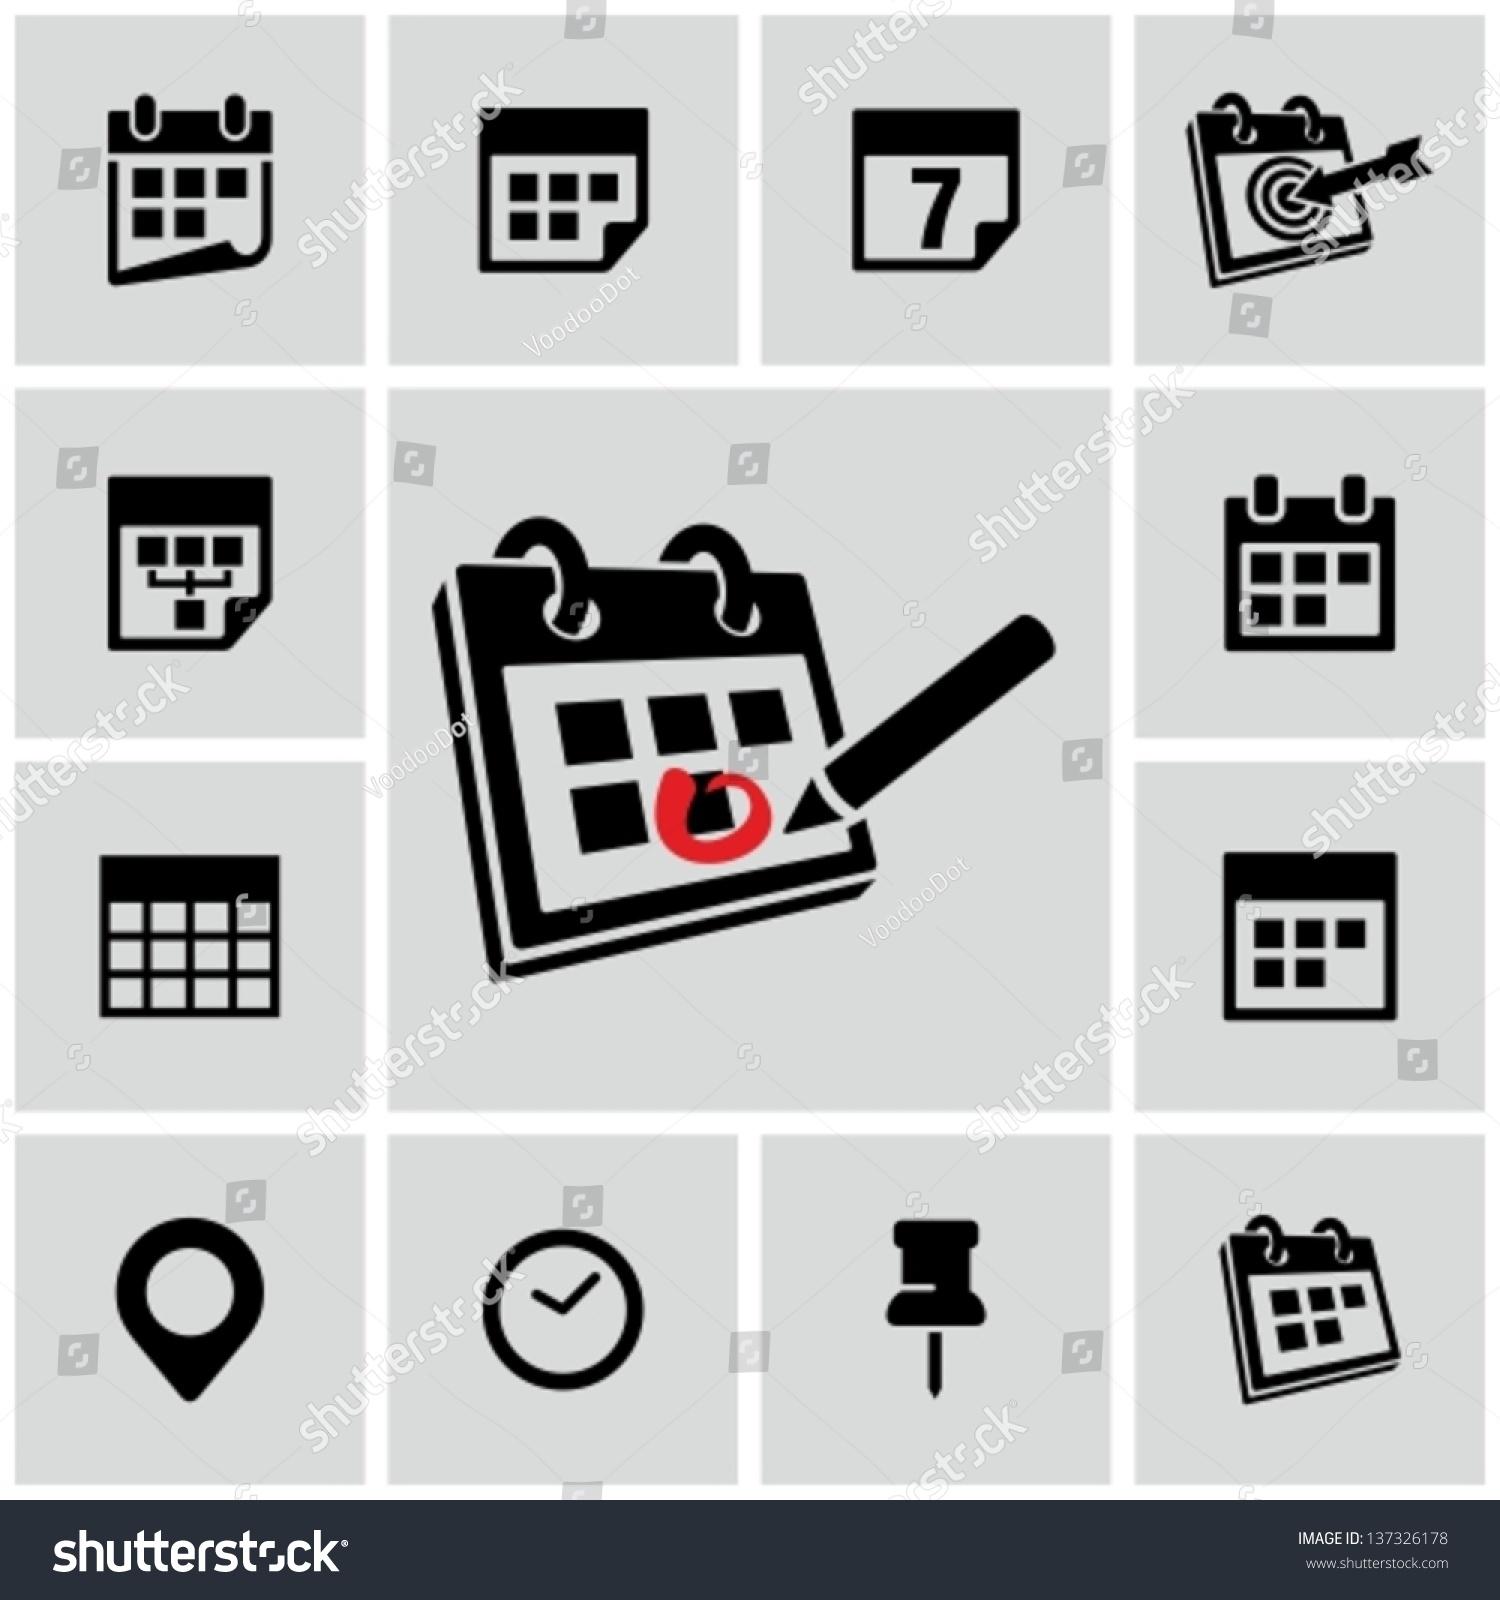 Calendar Icon Stock Vector 137326178 - Shutterstock